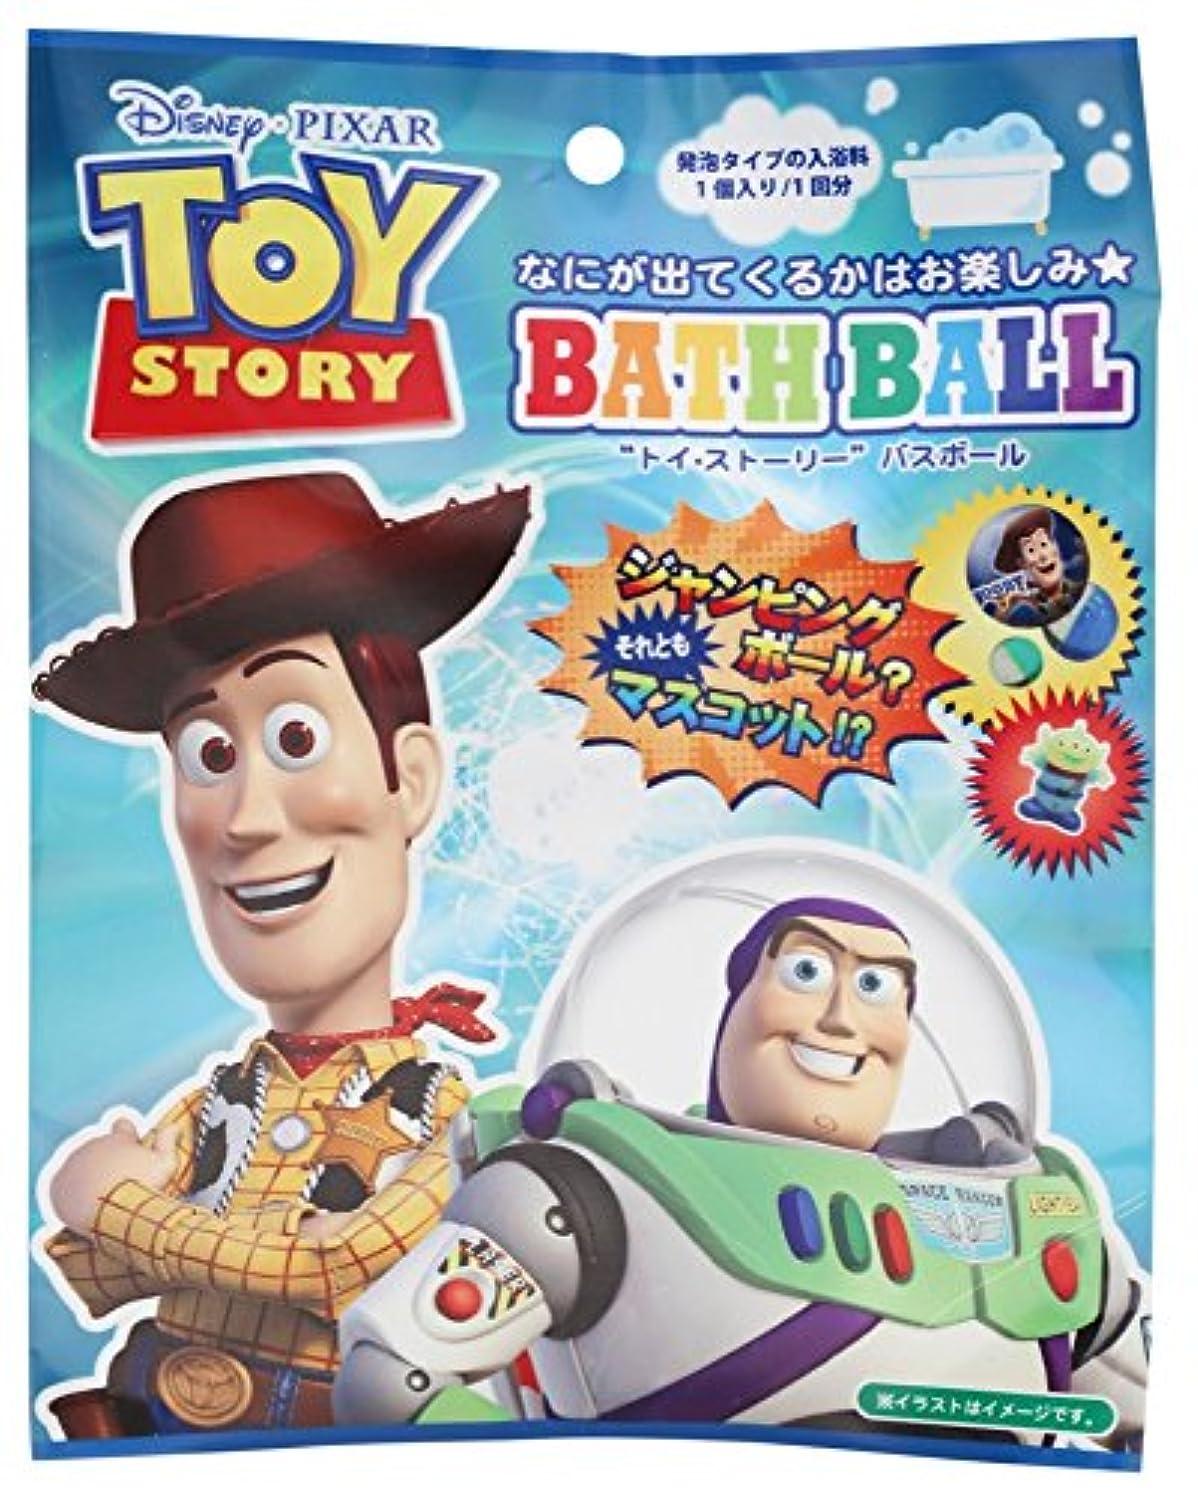 通訳浸漬アサートディズニー 入浴剤 トイストーリーバスボール おまけ付き DIP-80-01